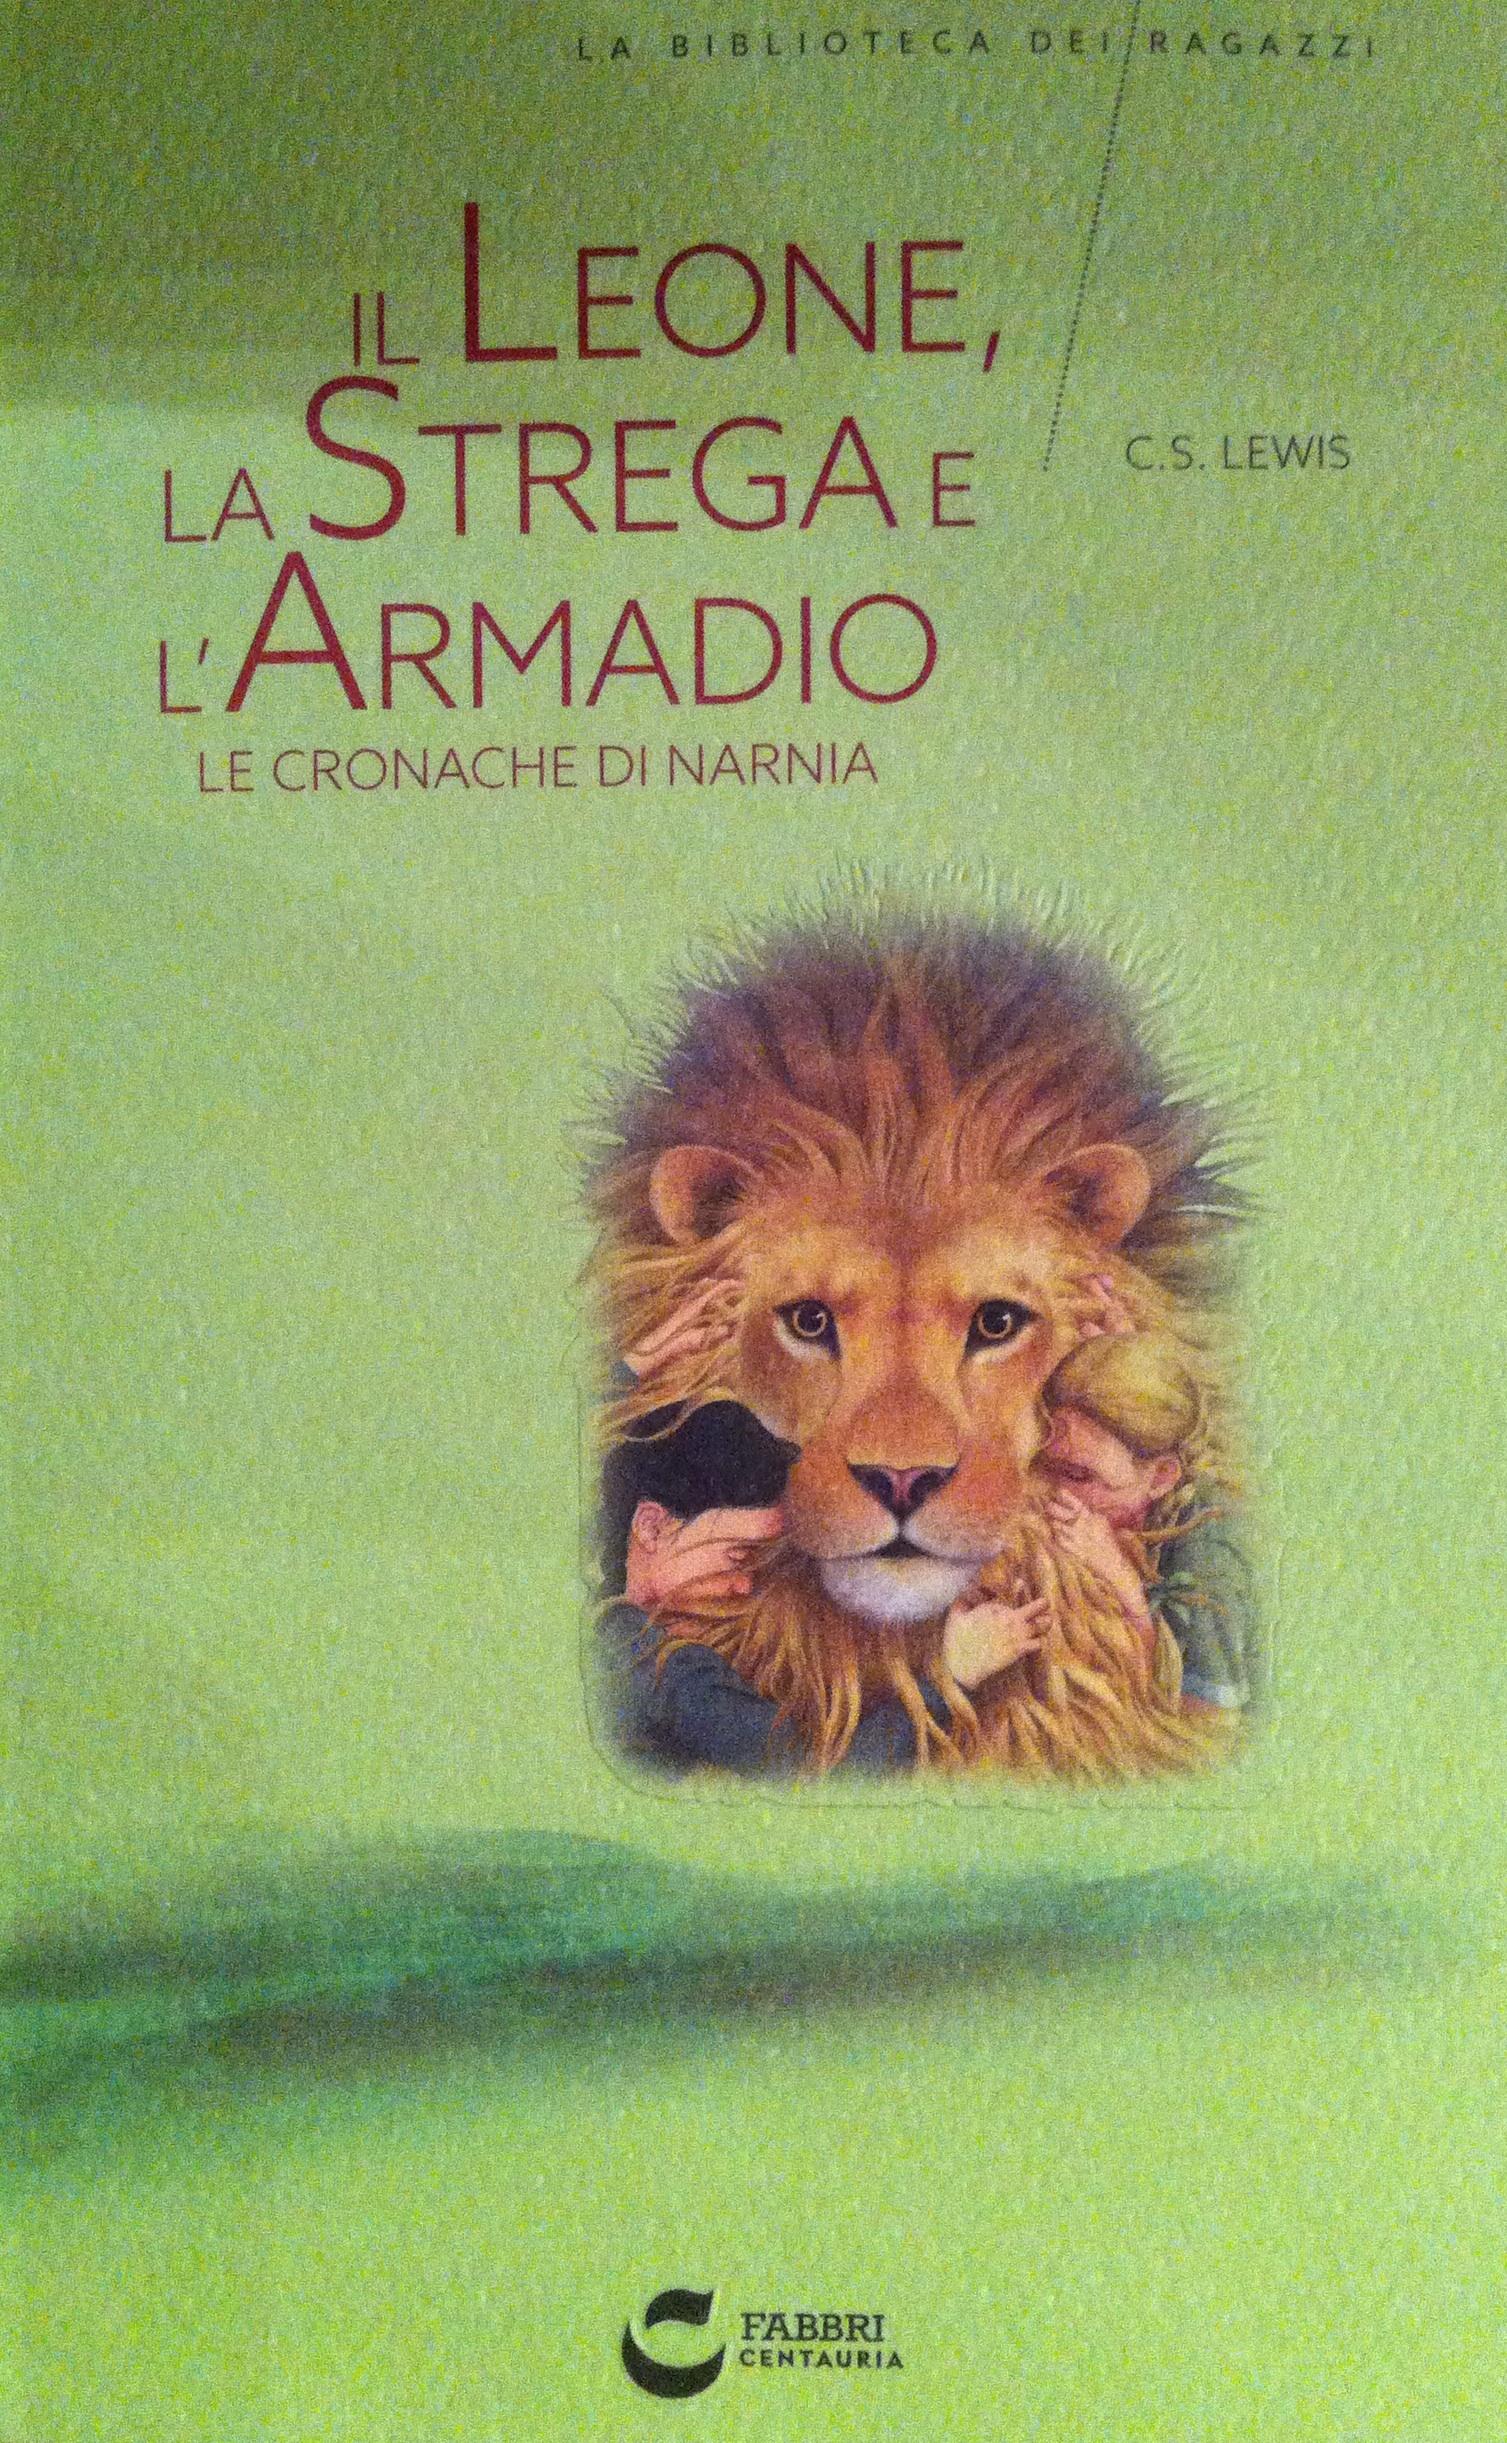 Il leone, la strega e l'armadio - Le cronache di Narnia